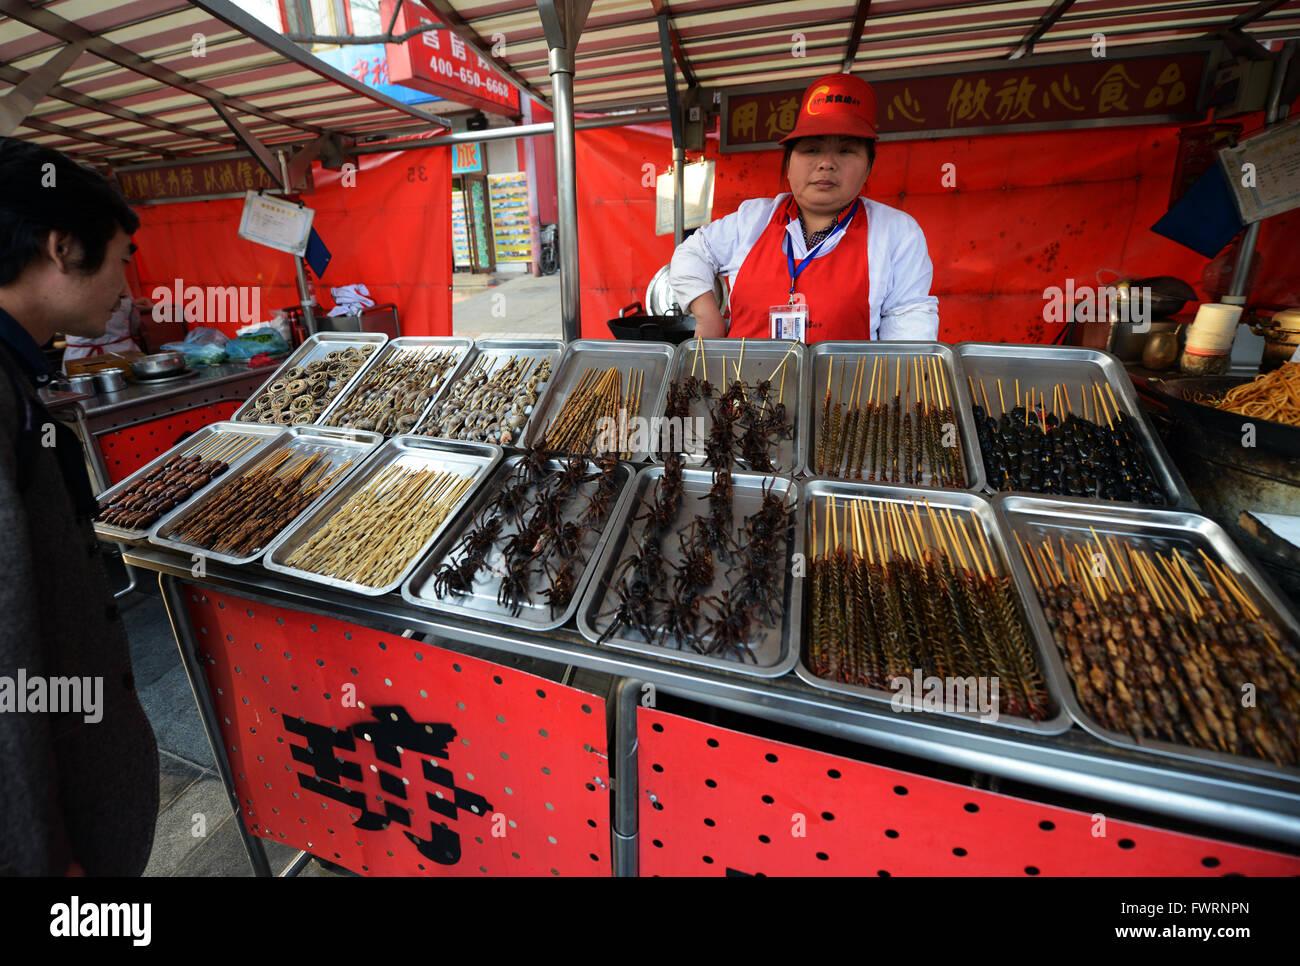 Spinnen, Skorpione, Larve und andere bizarre Insekten verkauft in einem Stall auf dem lebhaften Straße Lebensmittelmarkt Stockbild